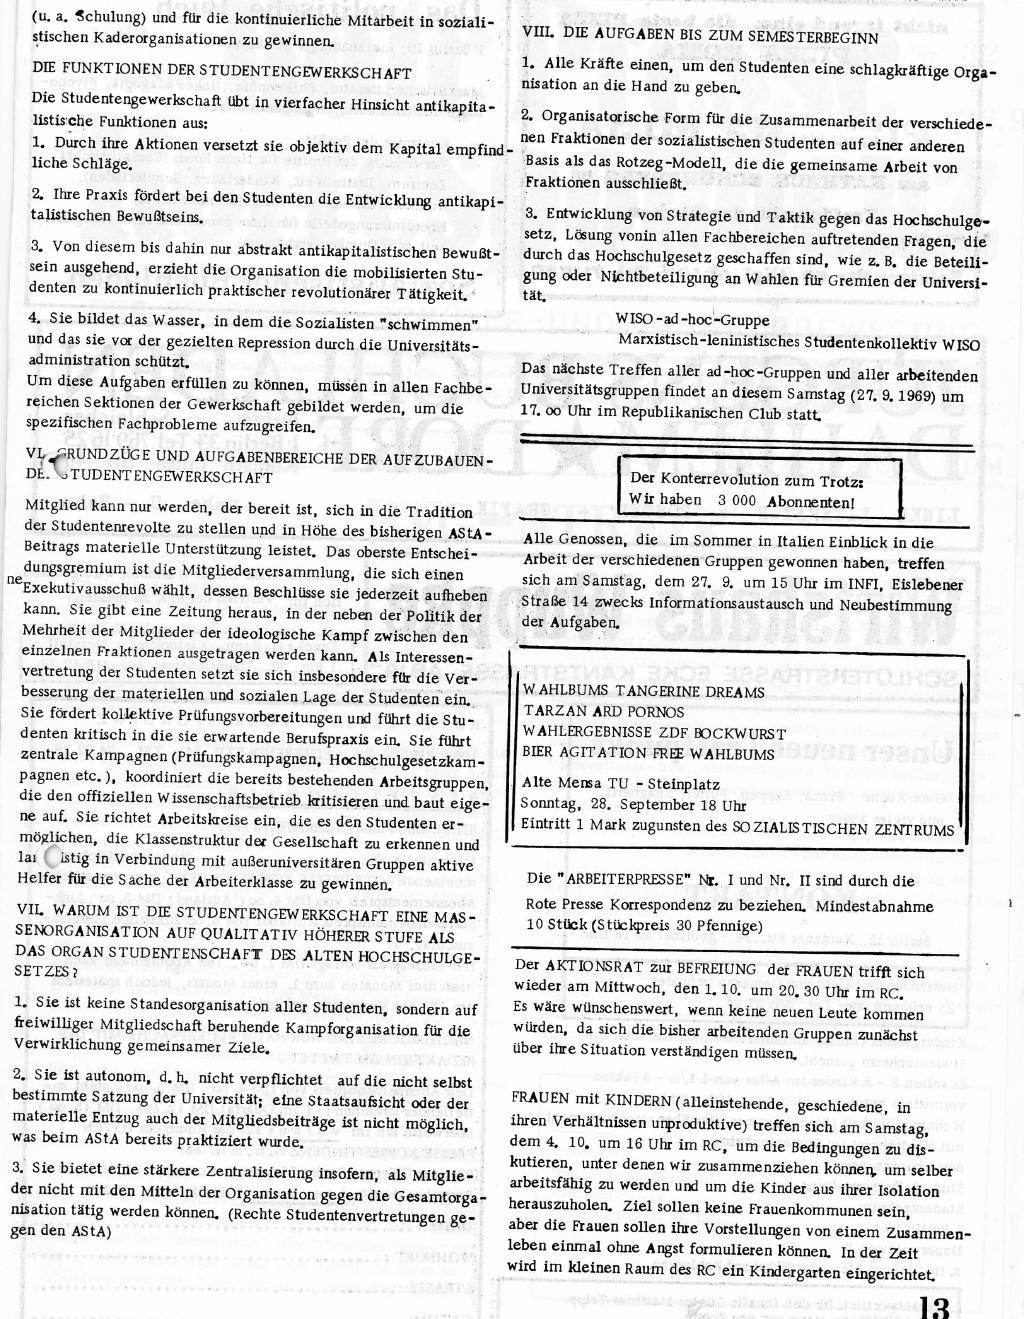 RPK_1969_032_13